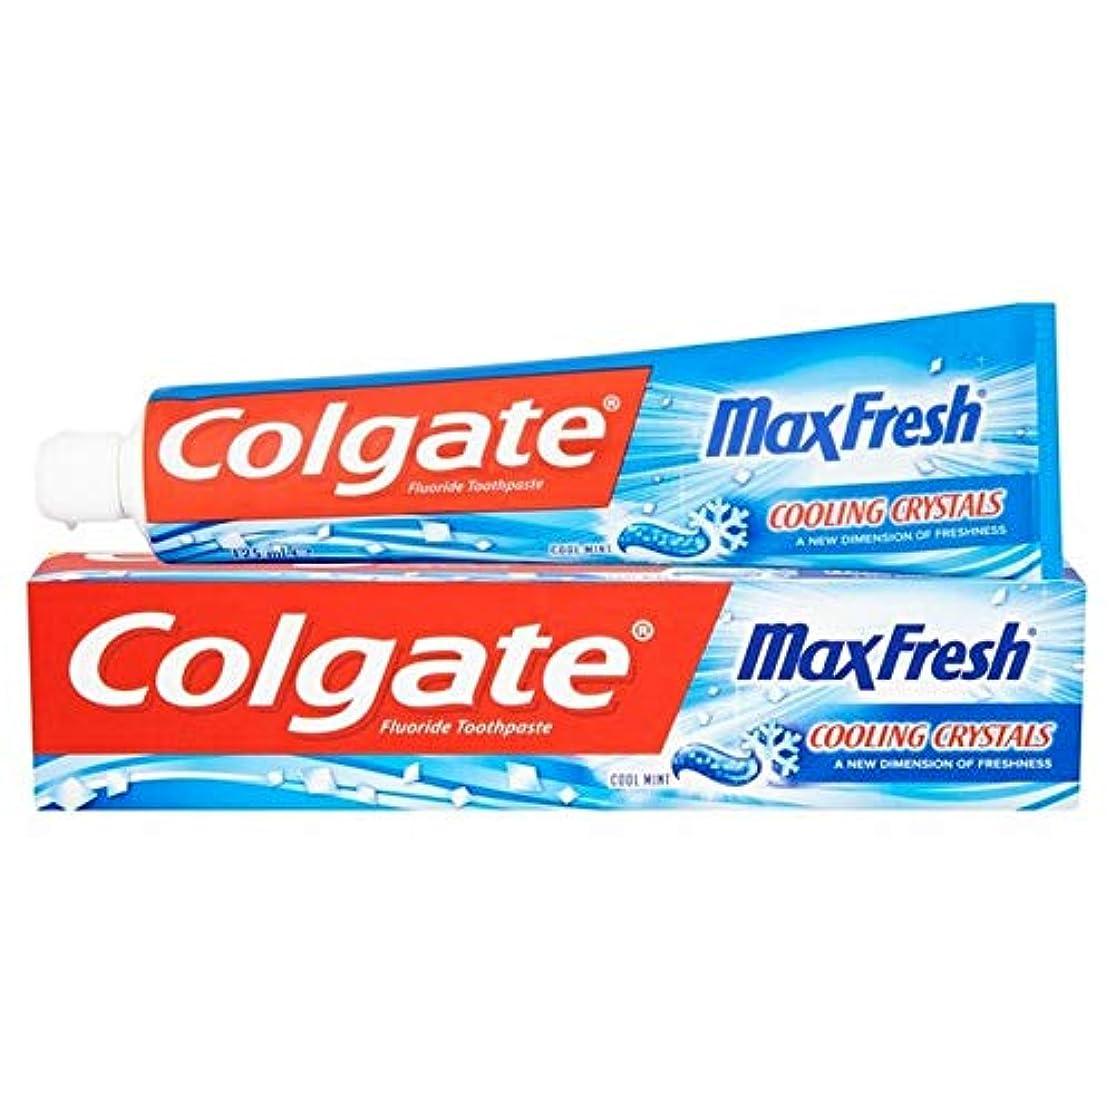 放射する一杯きらめき[Colgate ] 冷却結晶歯磨き粉の125ミリリットル新鮮なコルゲートマックス - Colgate Max Fresh with Cooling Crystals Toothpaste 125ml [並行輸入品]